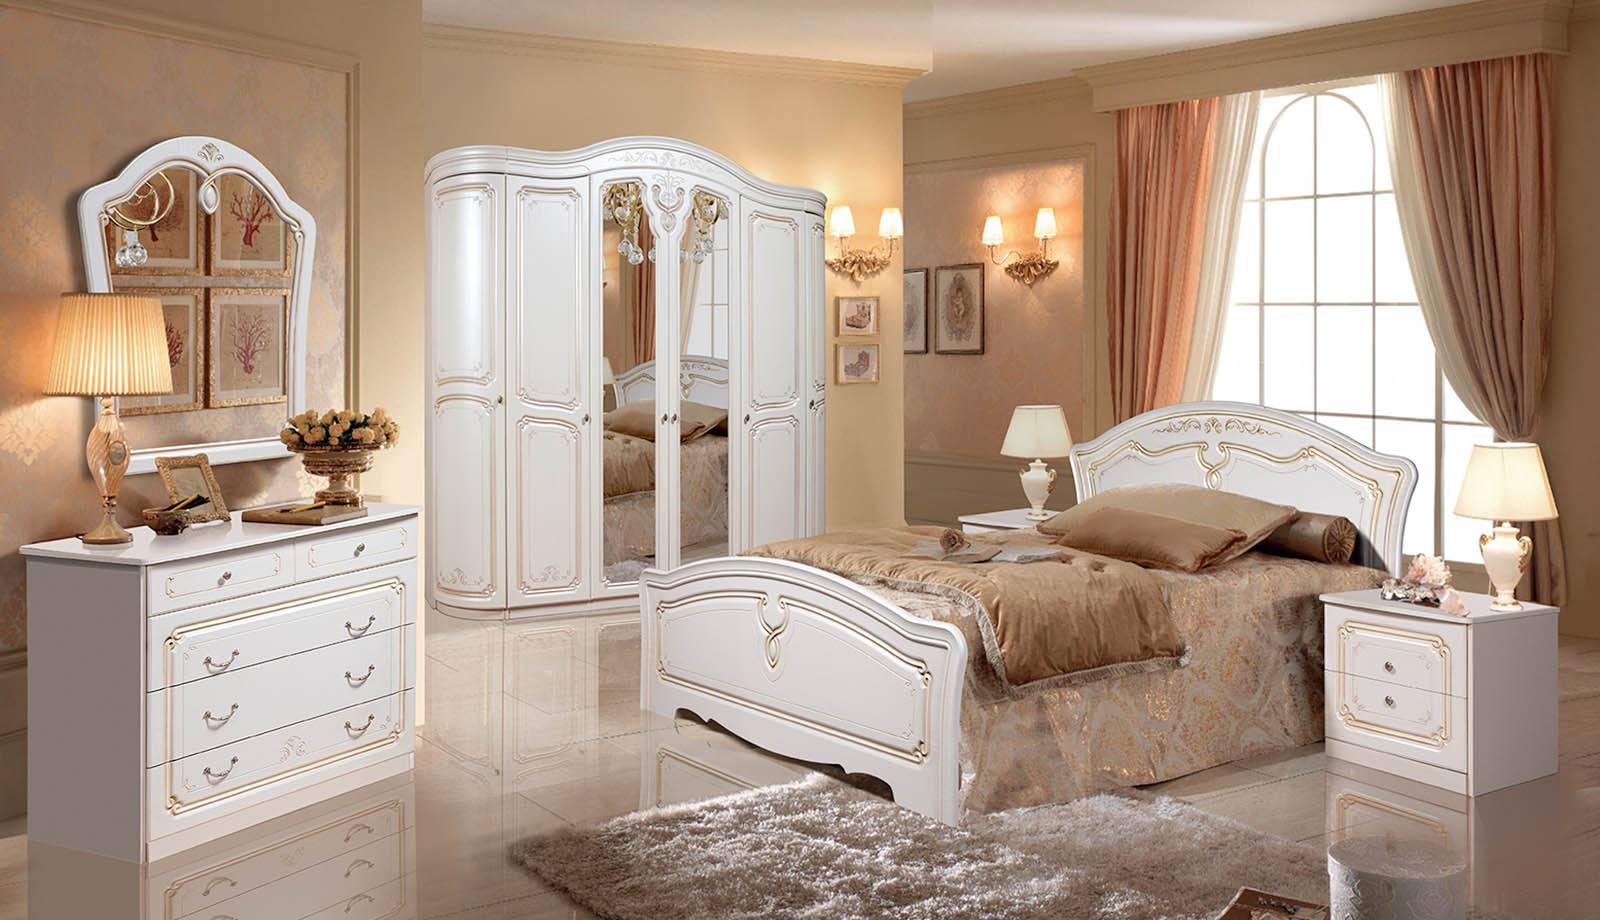 Спальни белорусских производителей: мебельные спальные гарнитуры из белоруссии, модель из массива «аллегро»